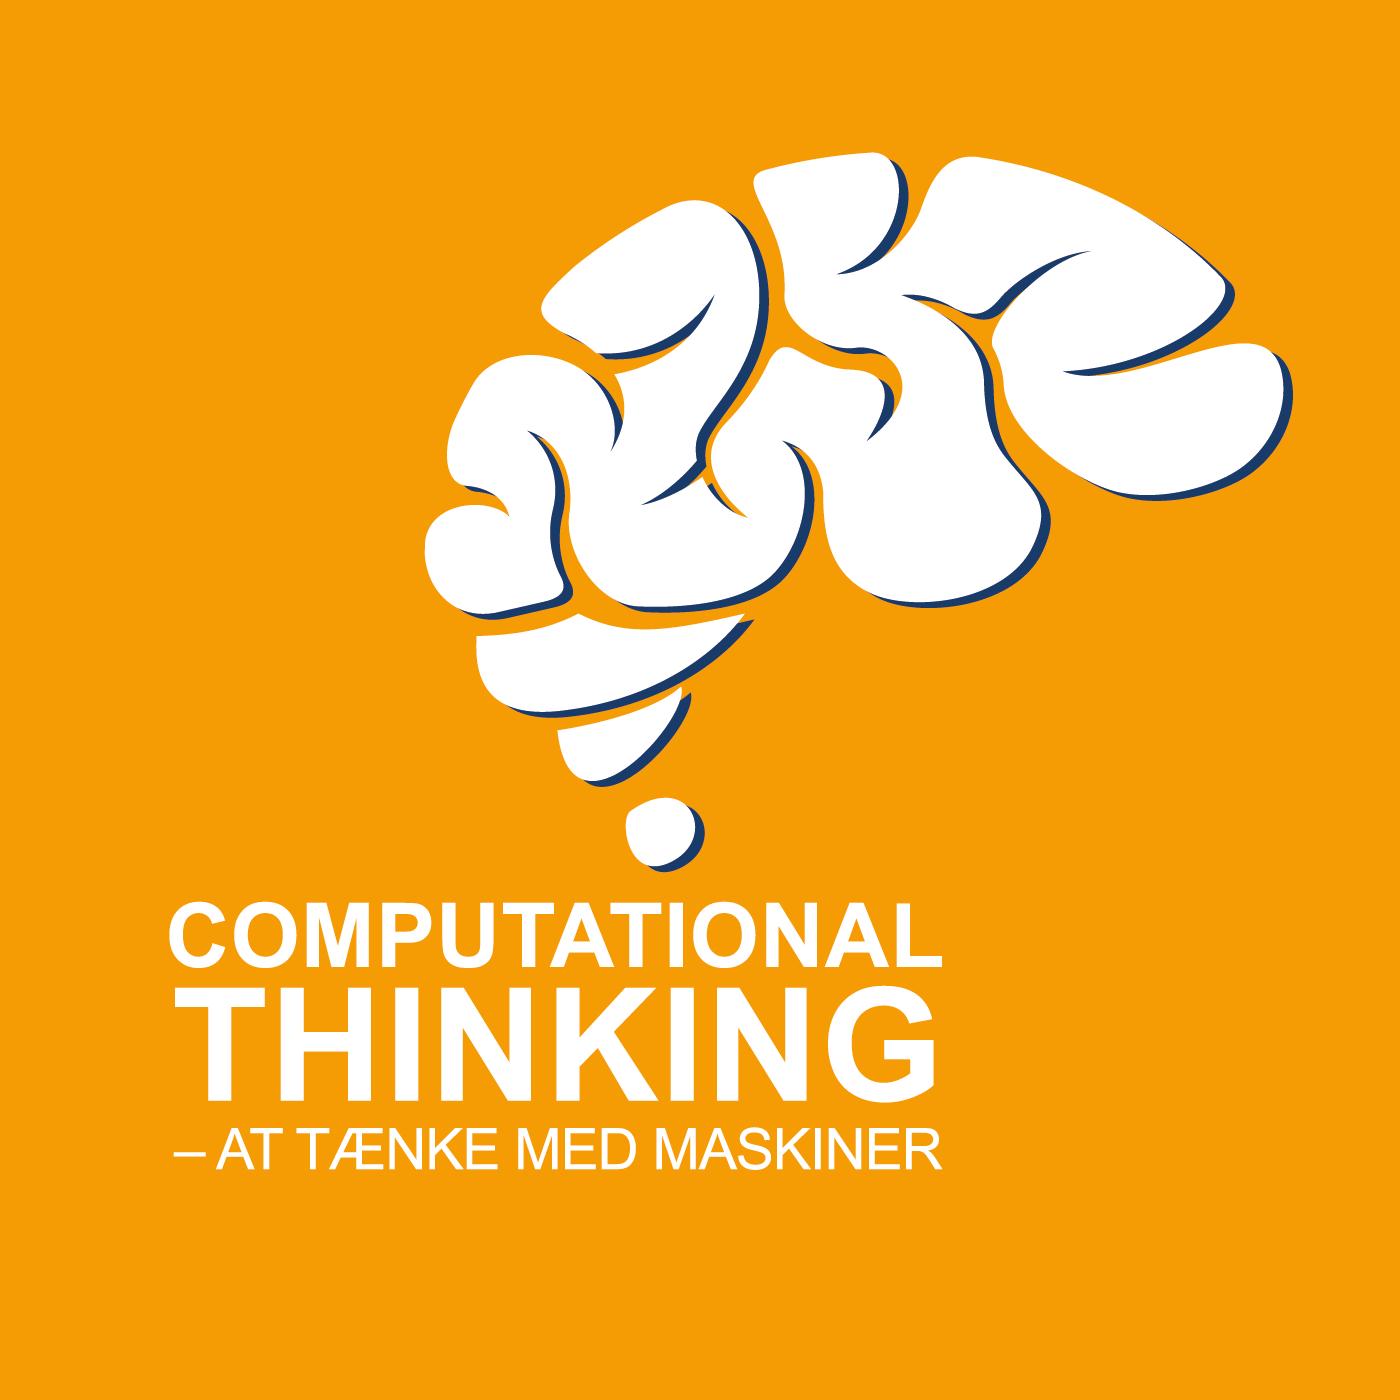 Computational thinking - at tænke med maskiner